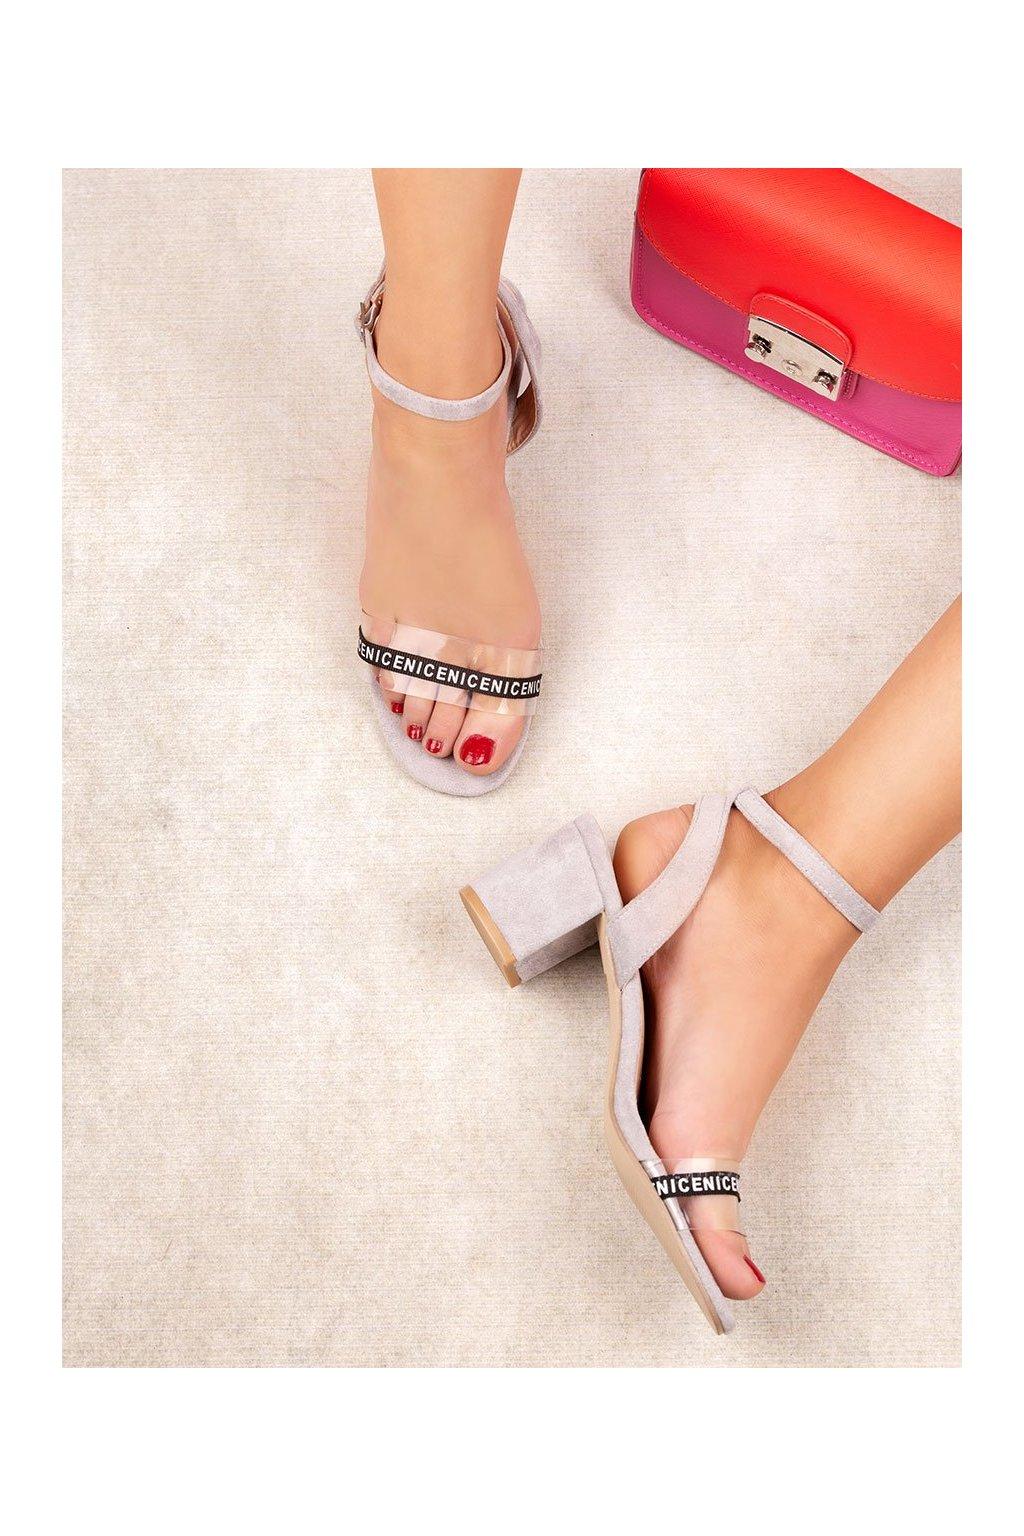 Sivé sandále na hrubom podpätku Ideal shoes kod S-7347G